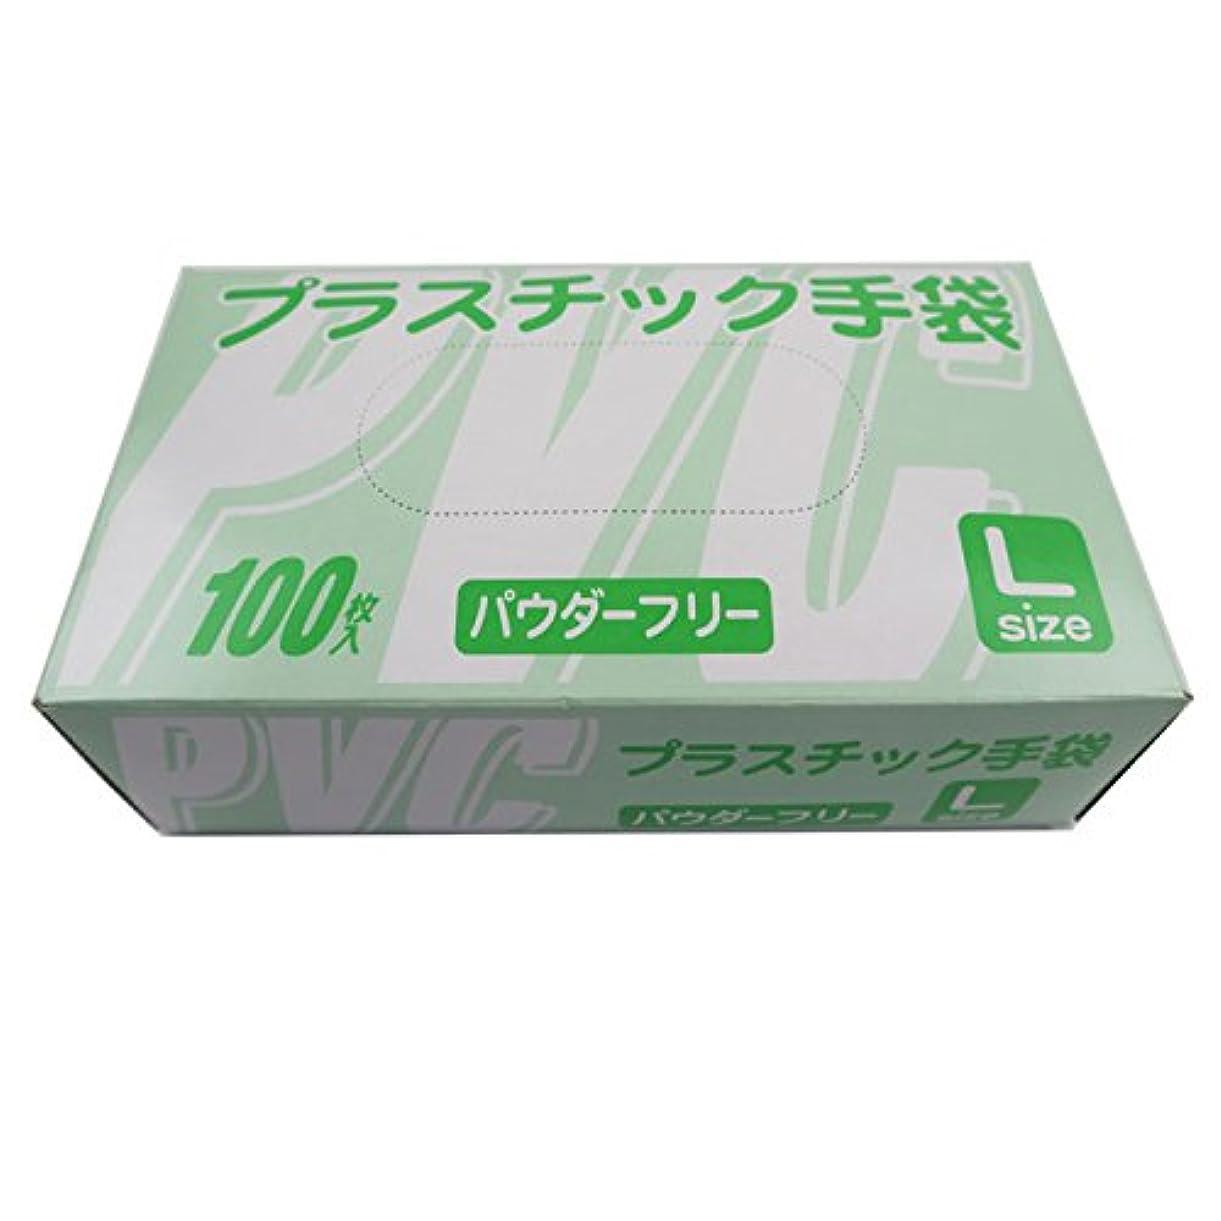 ハーフ鉄道食物使い捨て手袋 プラスチックグローブ 粉なし(パウダーフリー) Lサイズ 100枚入×20個 超薄手 100433